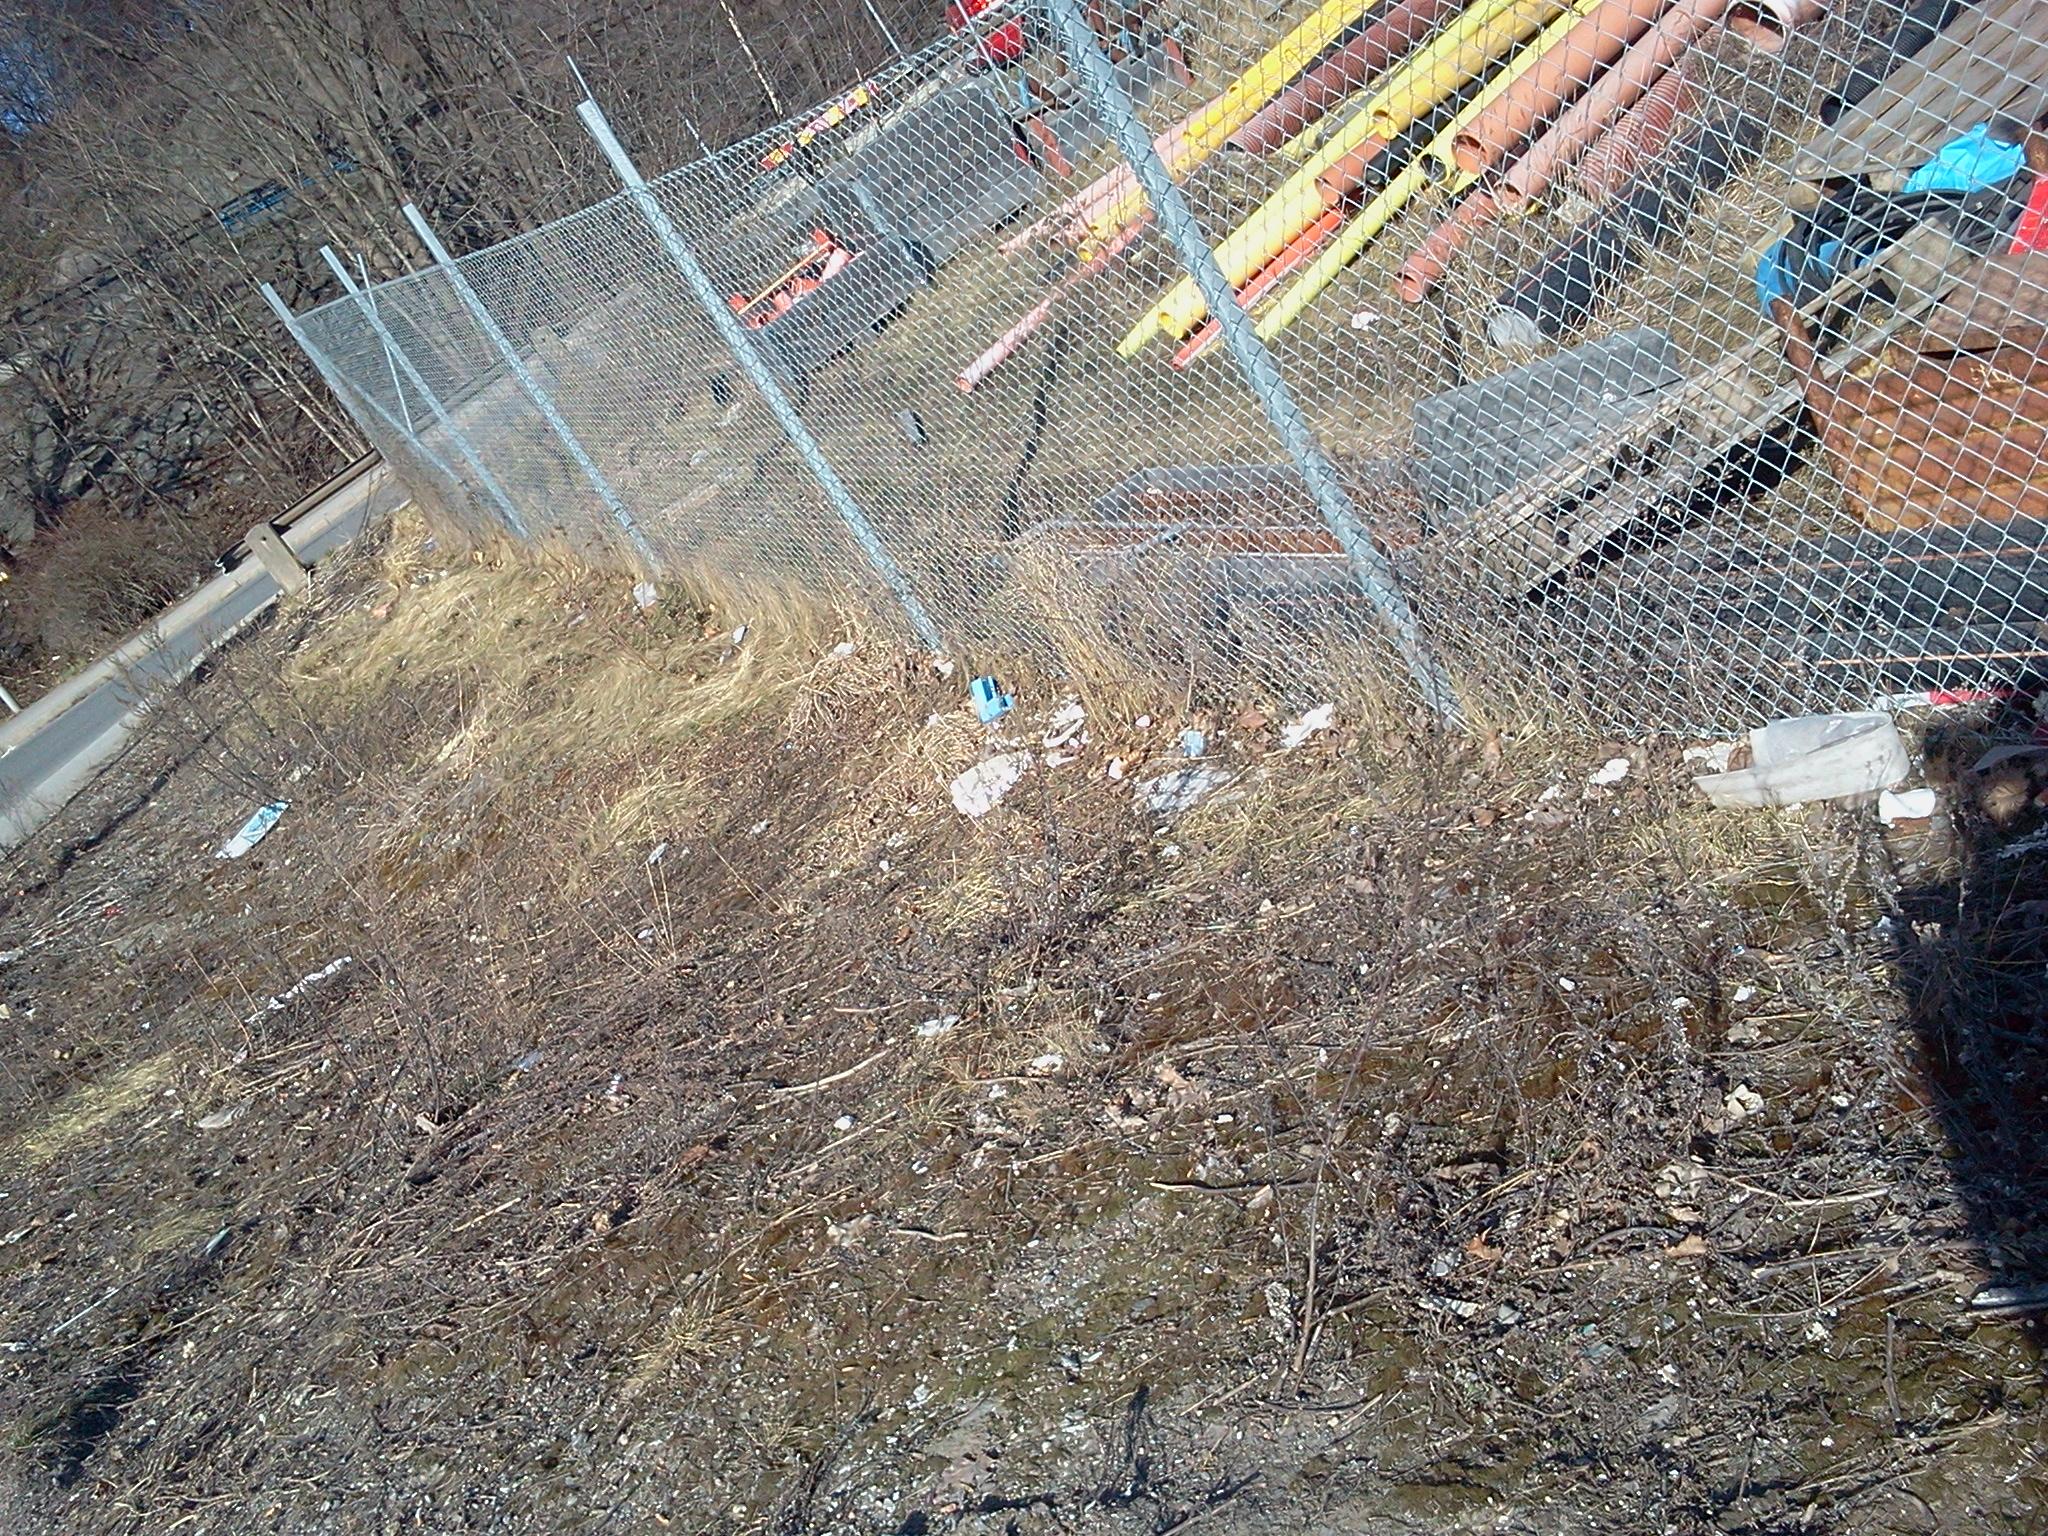 Övergivna grönytor och avfall i början av Kanalvägen